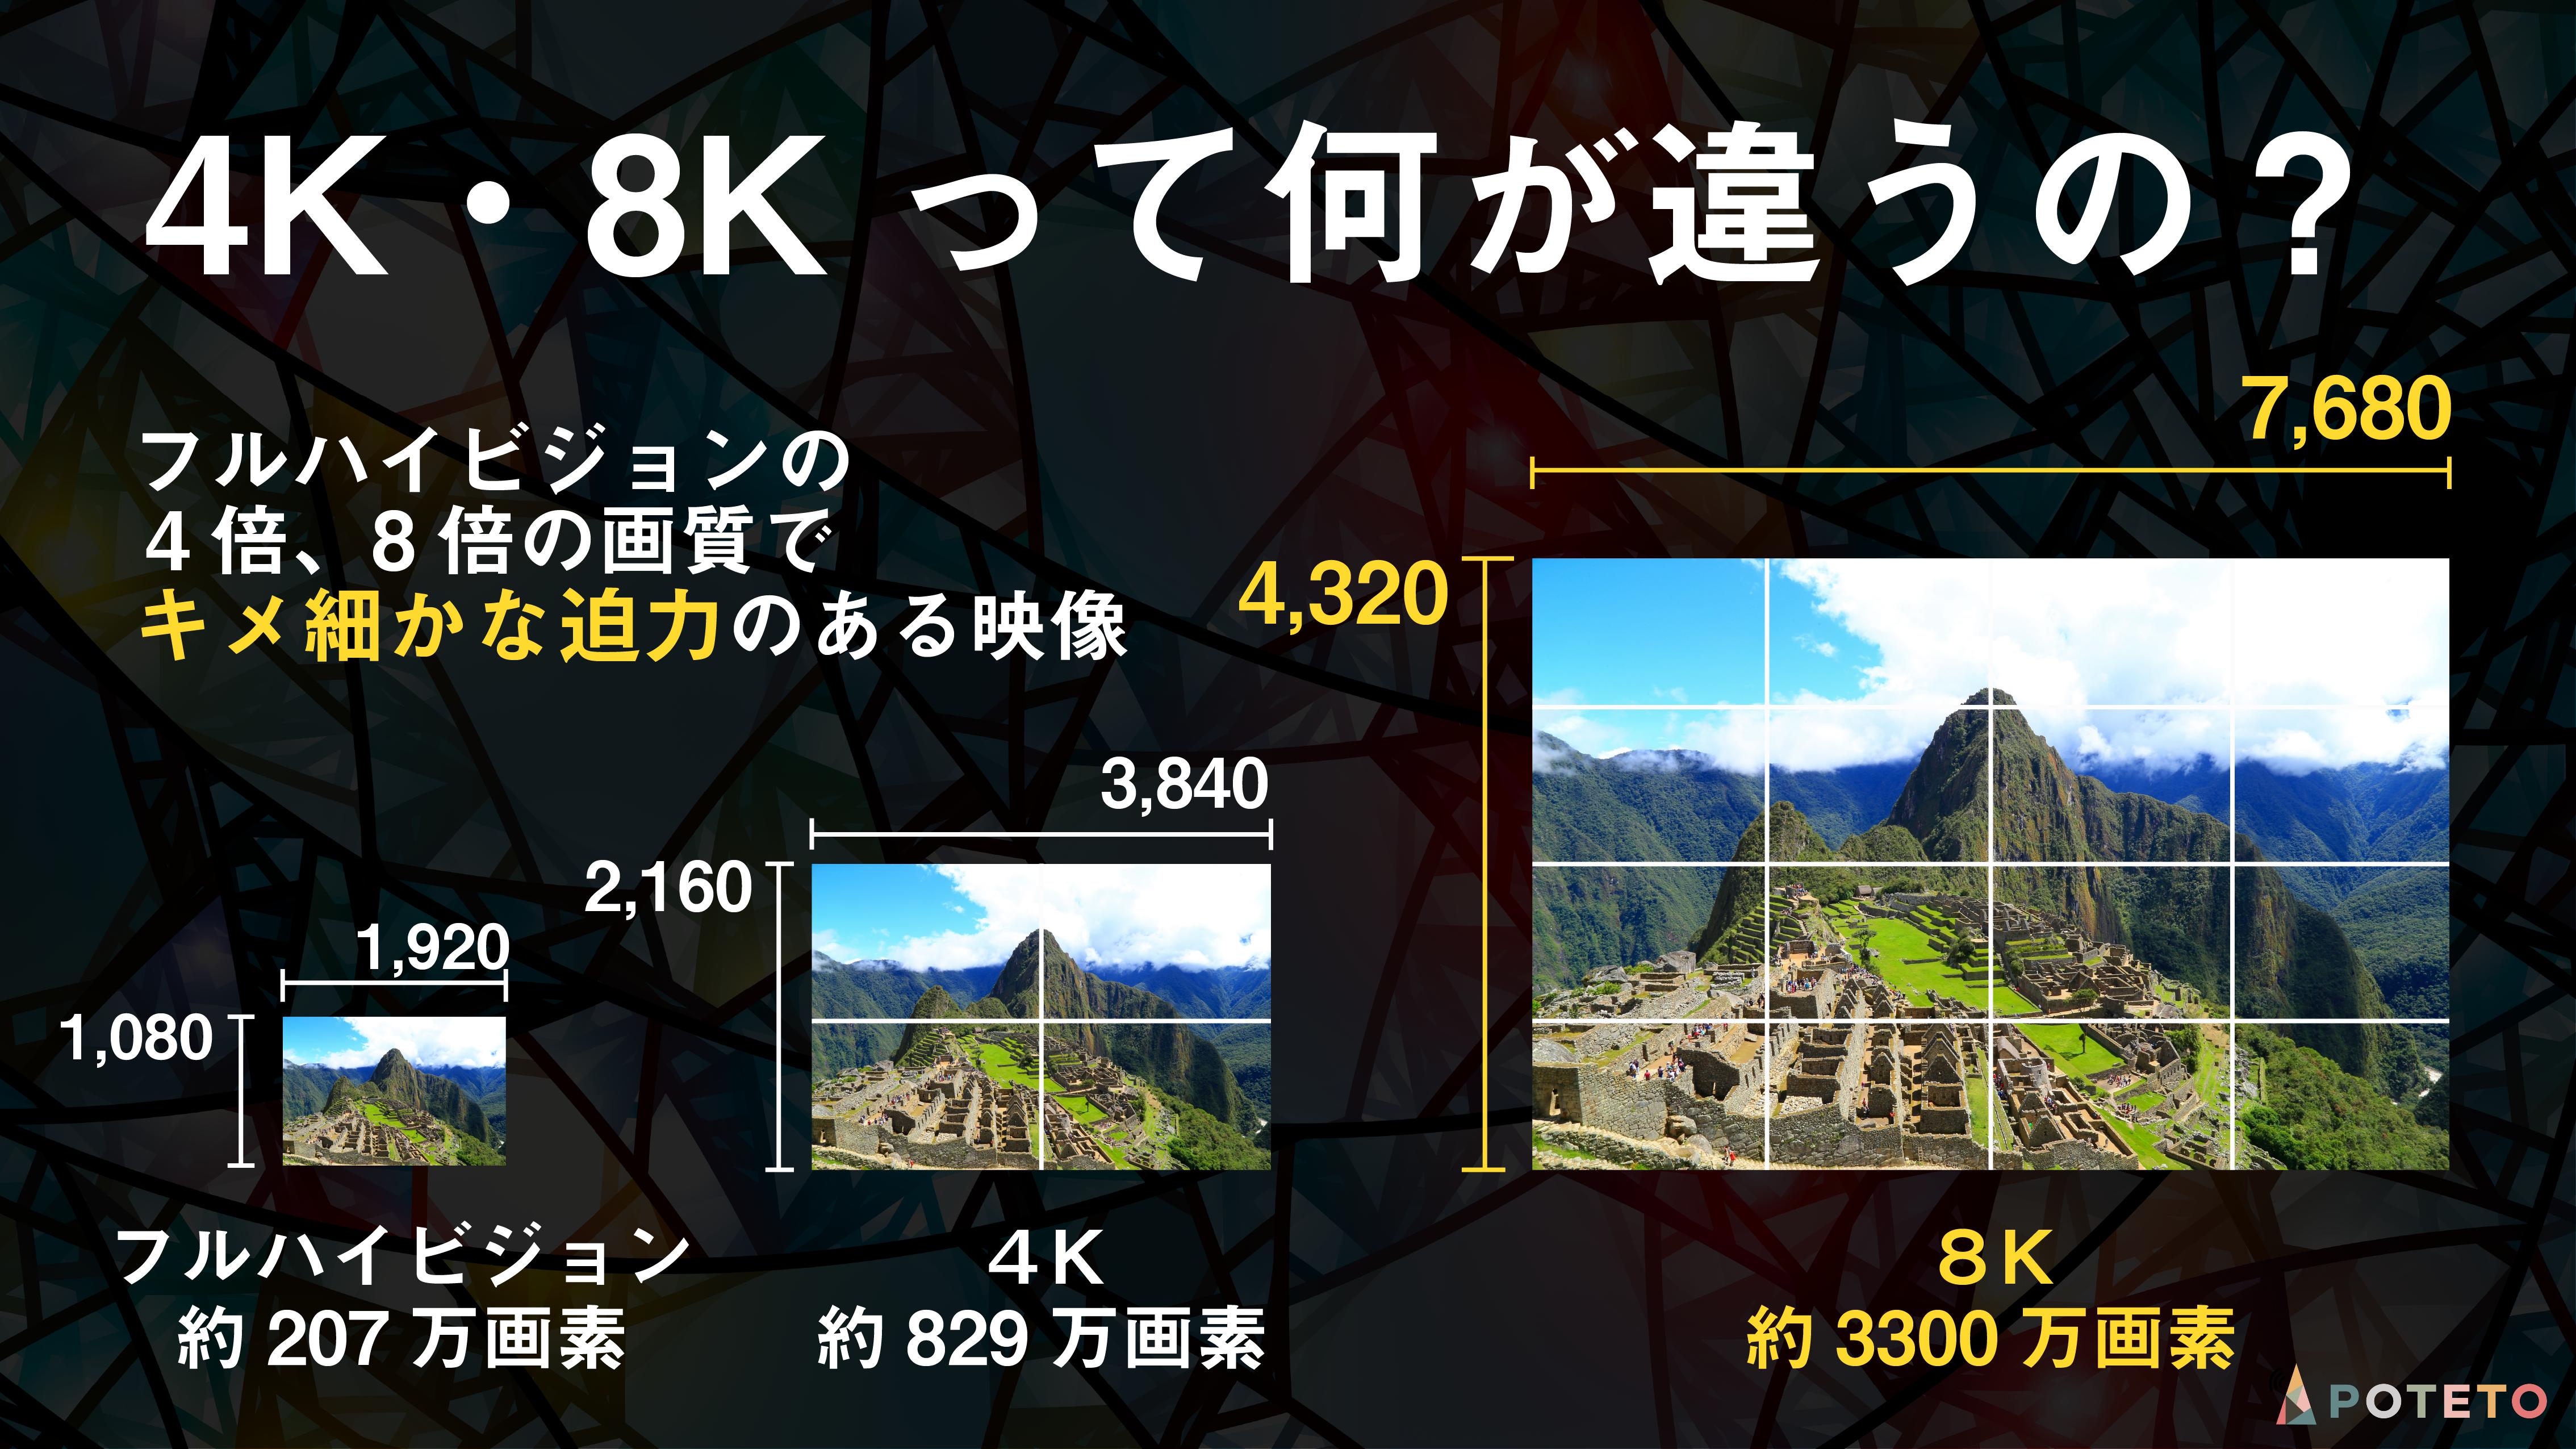 20180110 3 - 今年は4K/8Kが来る!